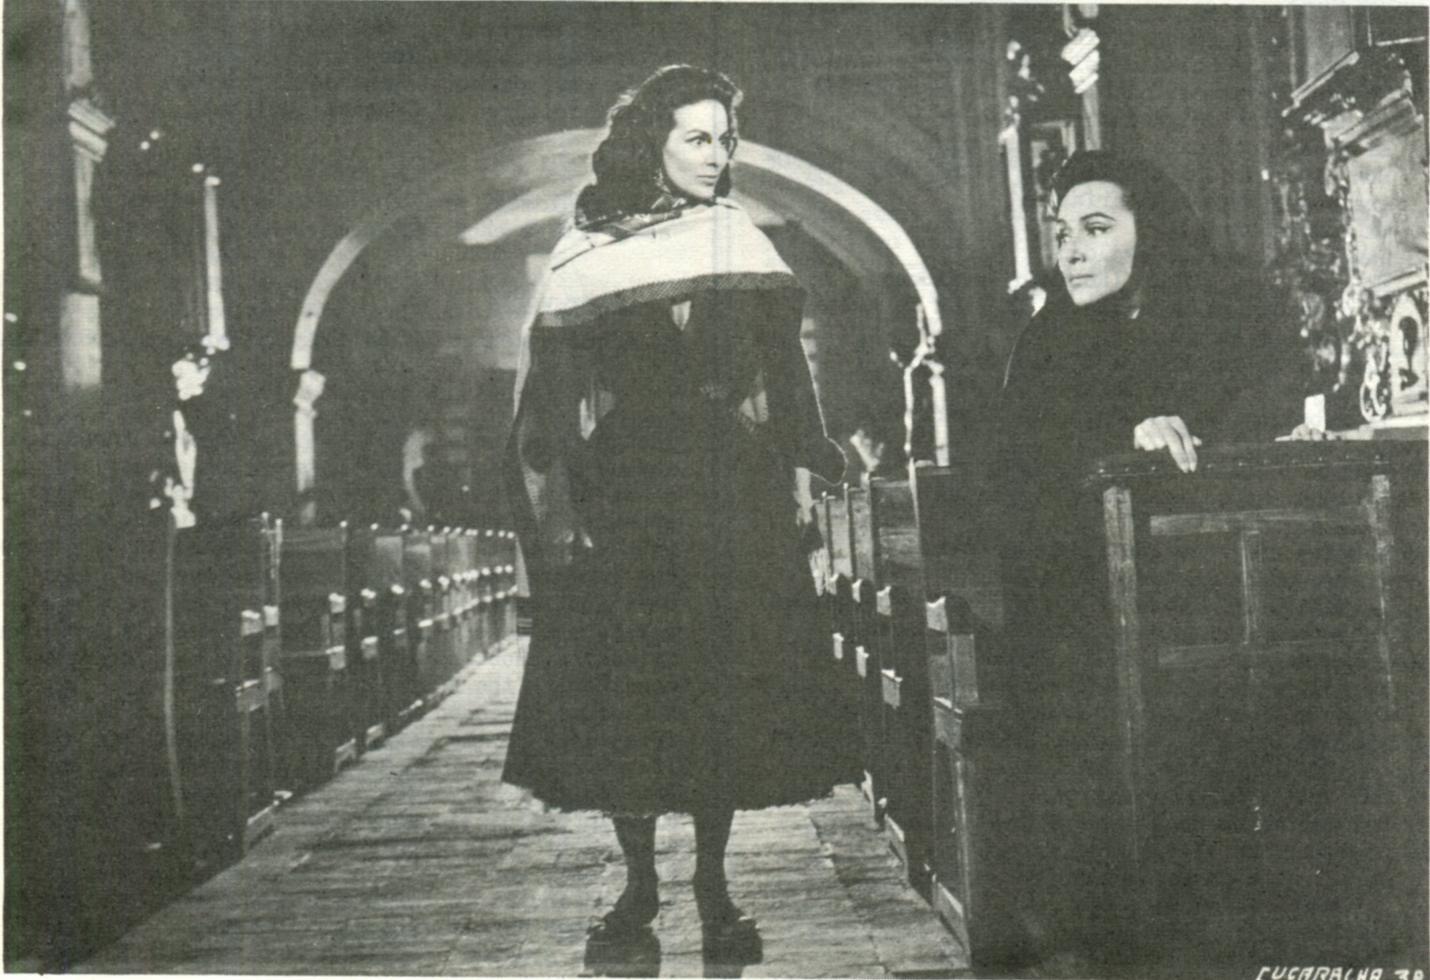 Dolores del Rio, María Félix, and Irma Torres in La cucaracha (1959)